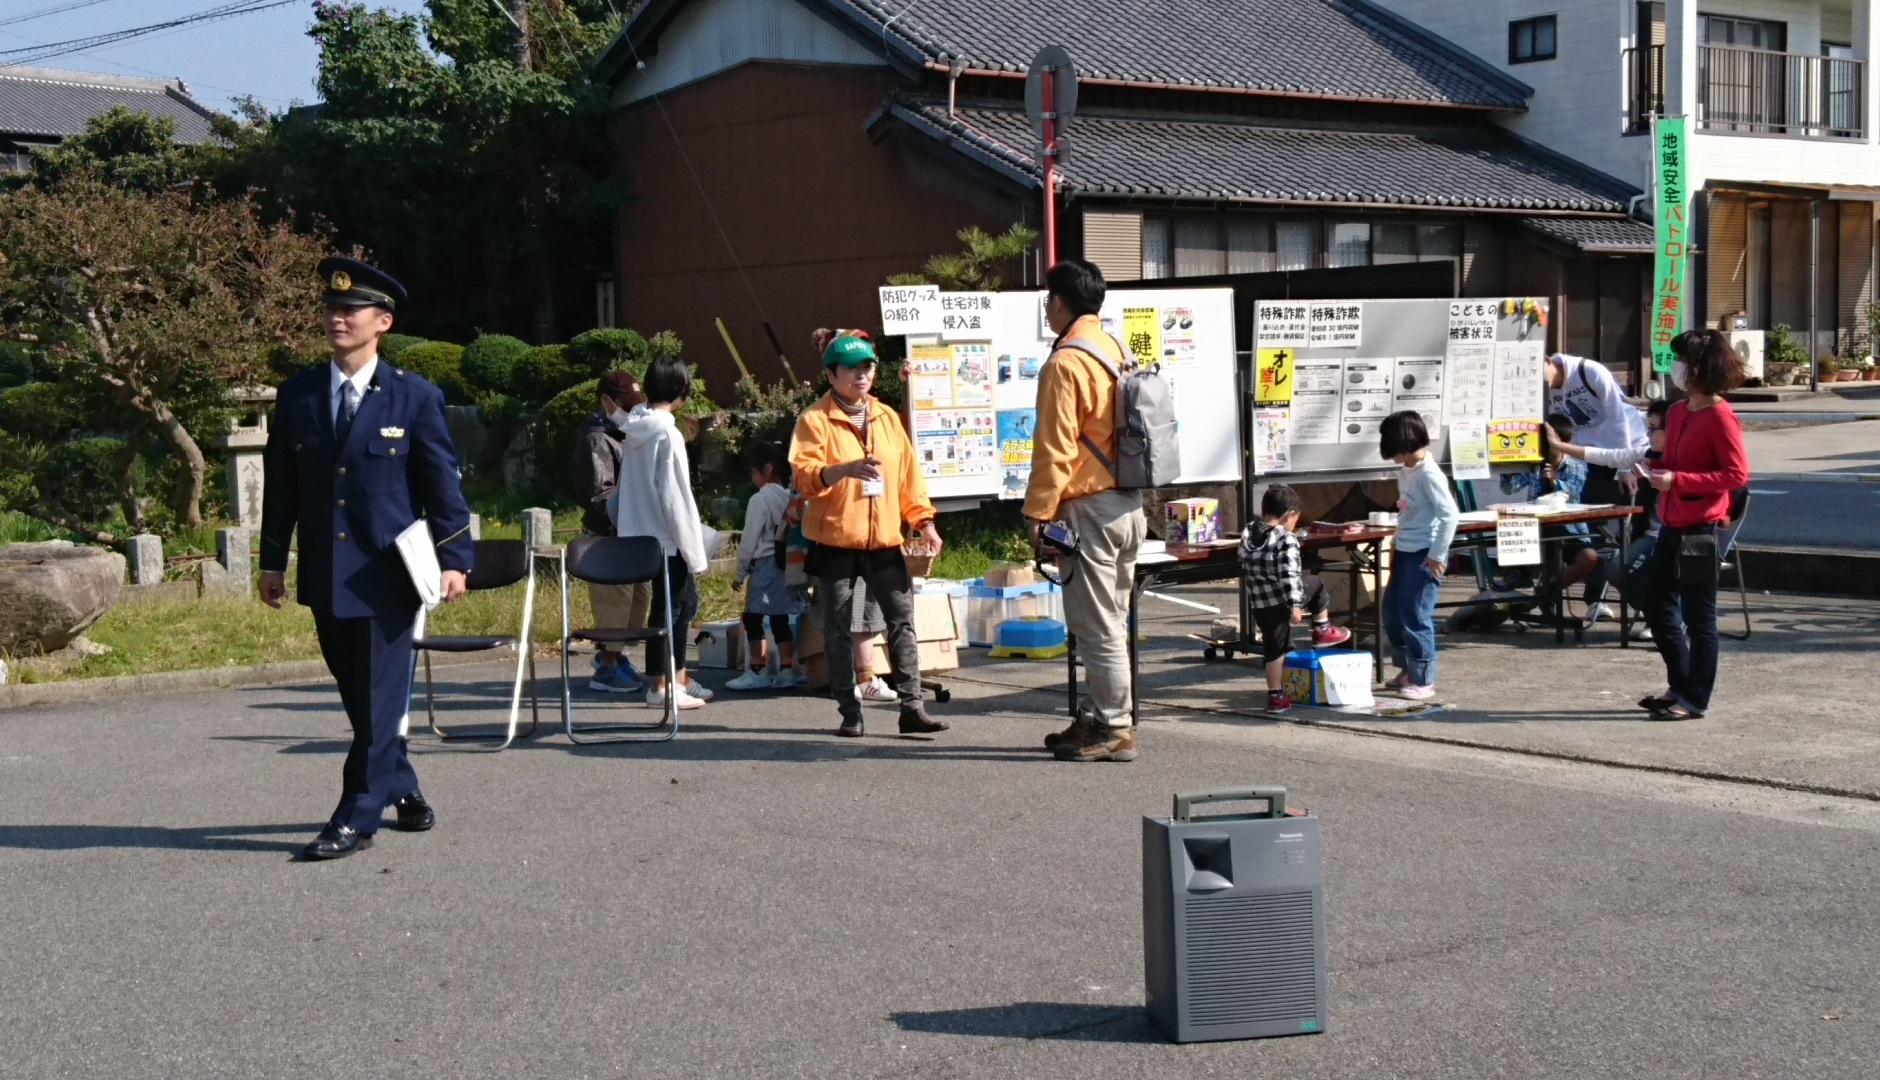 2016.11.5 おやこ防犯ヲーク (28)